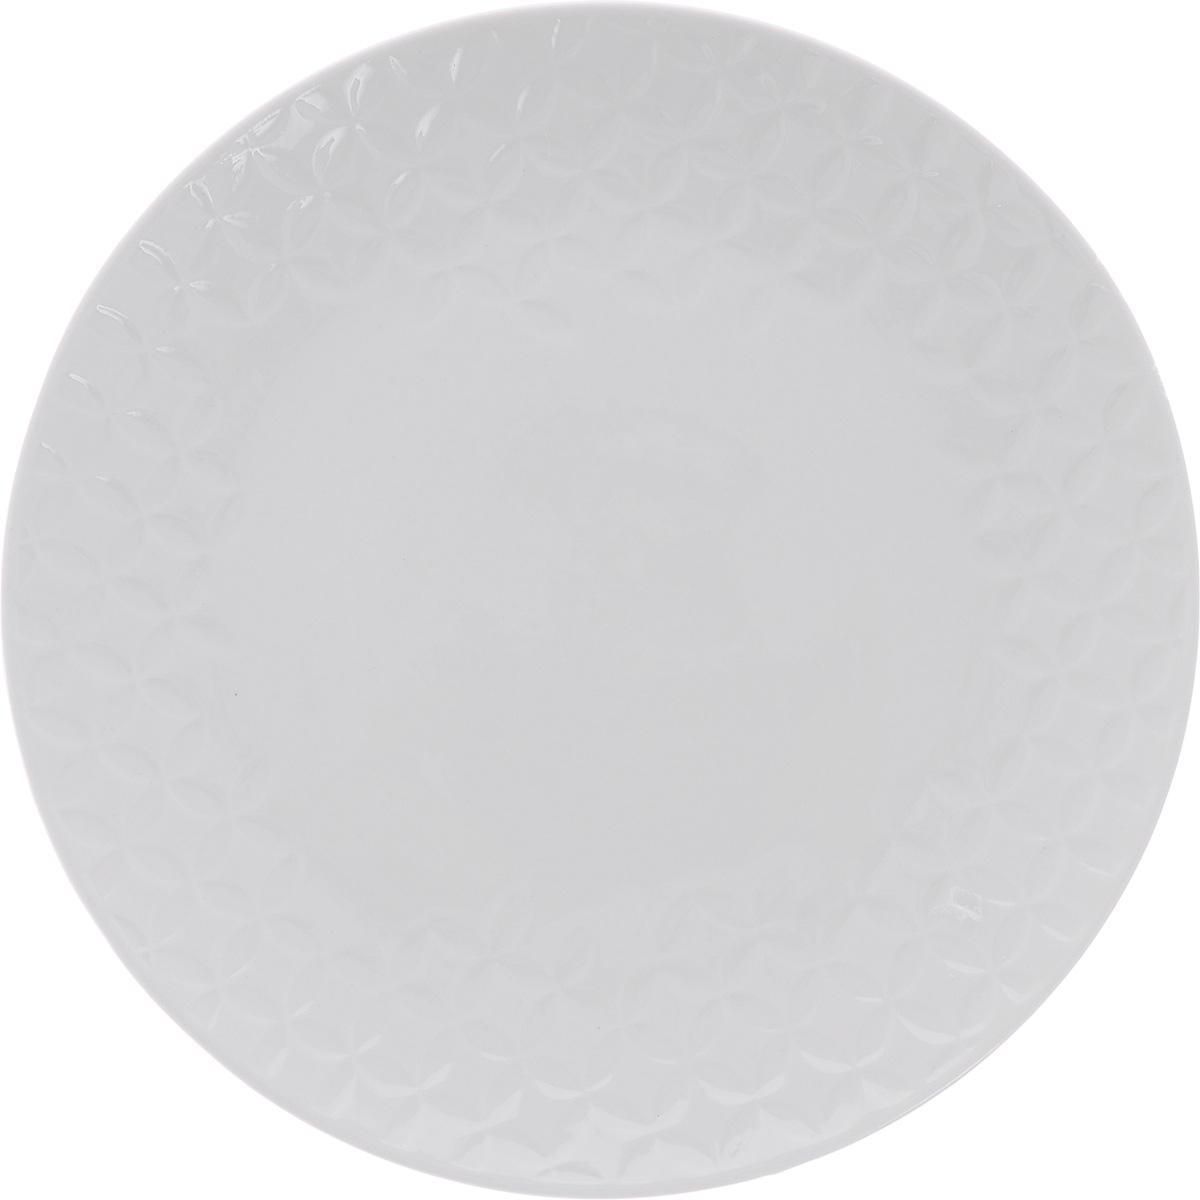 Тарелка десертная Walmer Quincy, цвет: белый, диаметр 21 см горшок для запекания walmer classic цвет белый диаметр 12 см